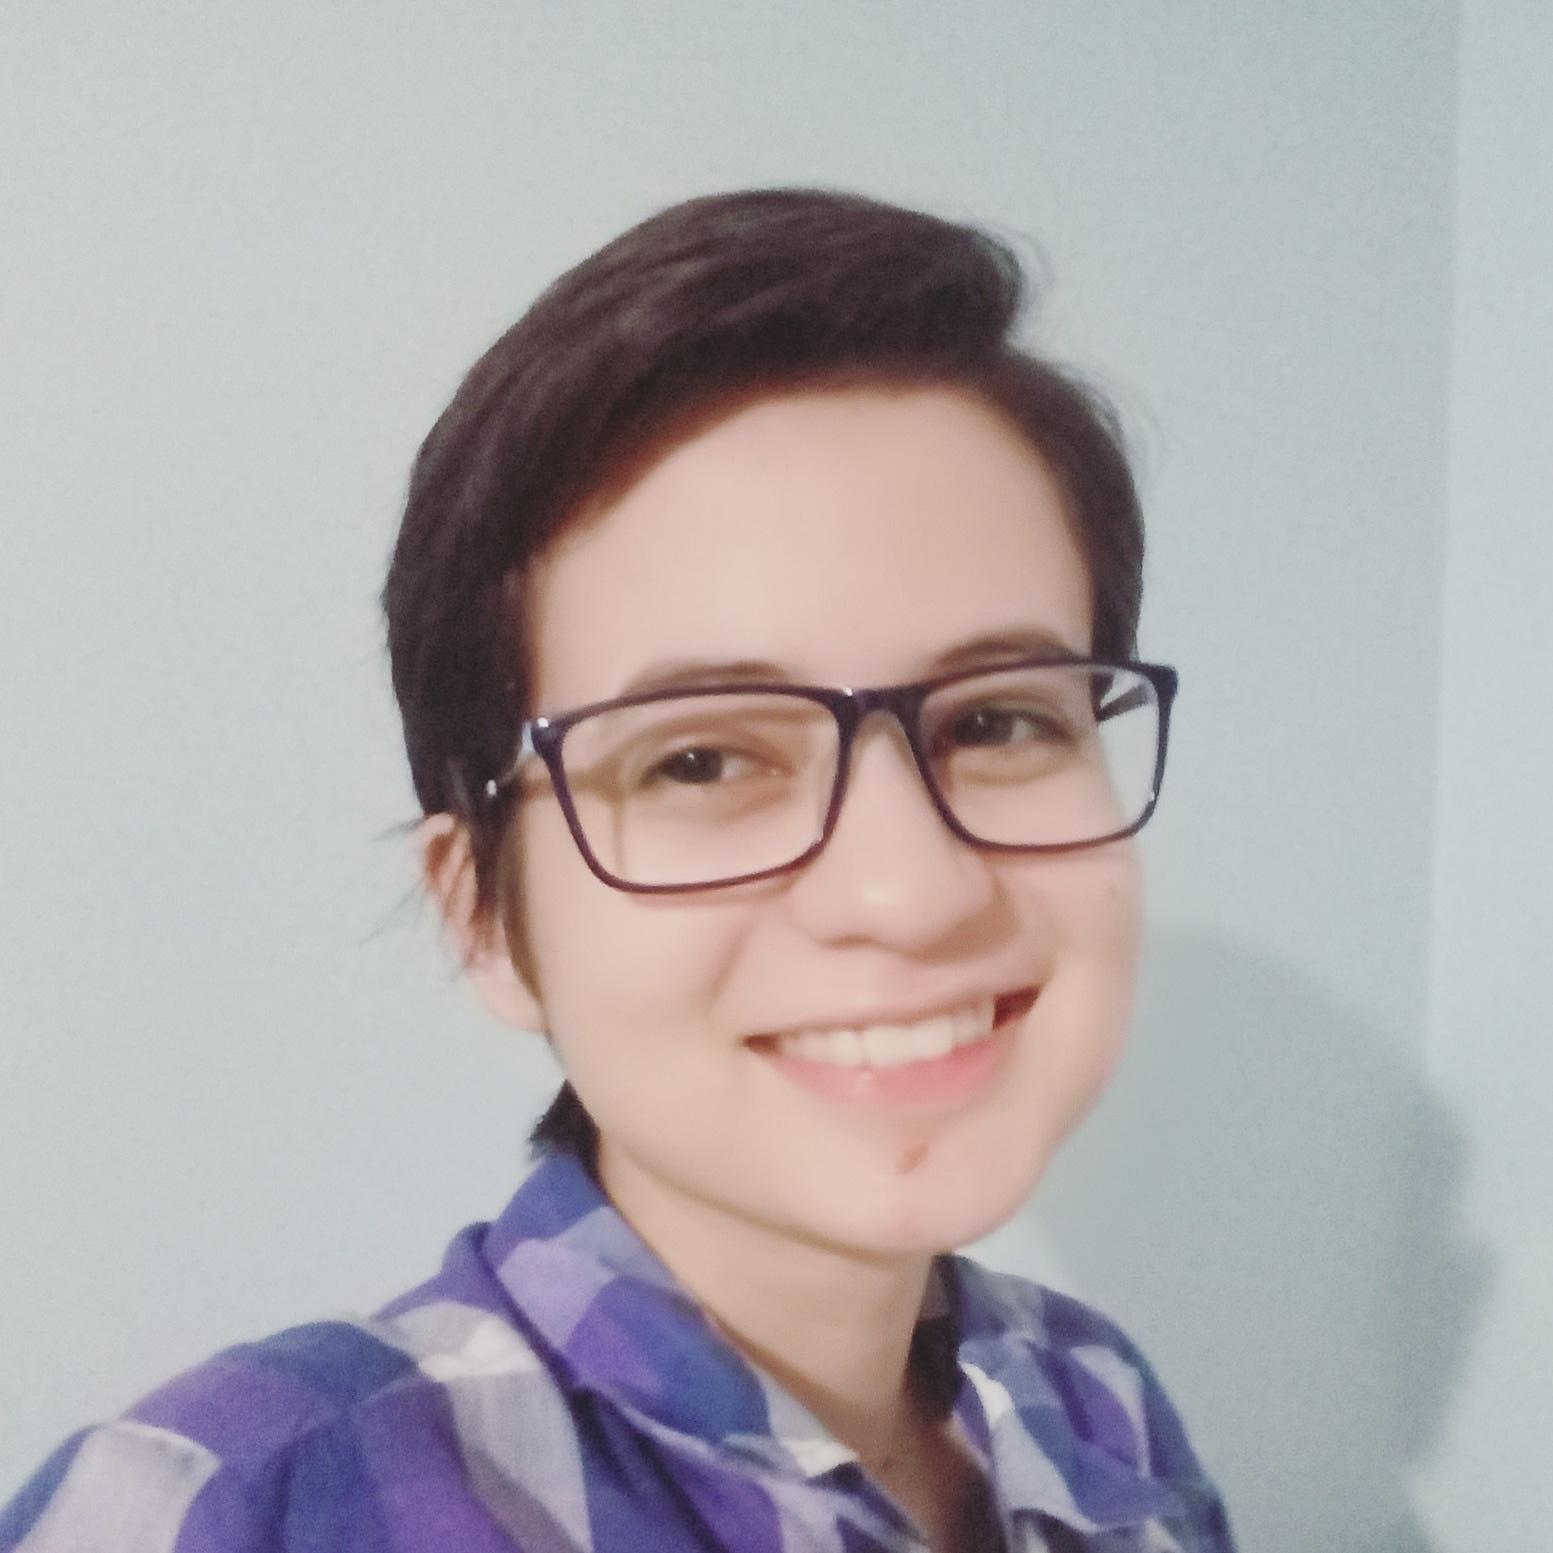 Beatriz Souza sorrindo